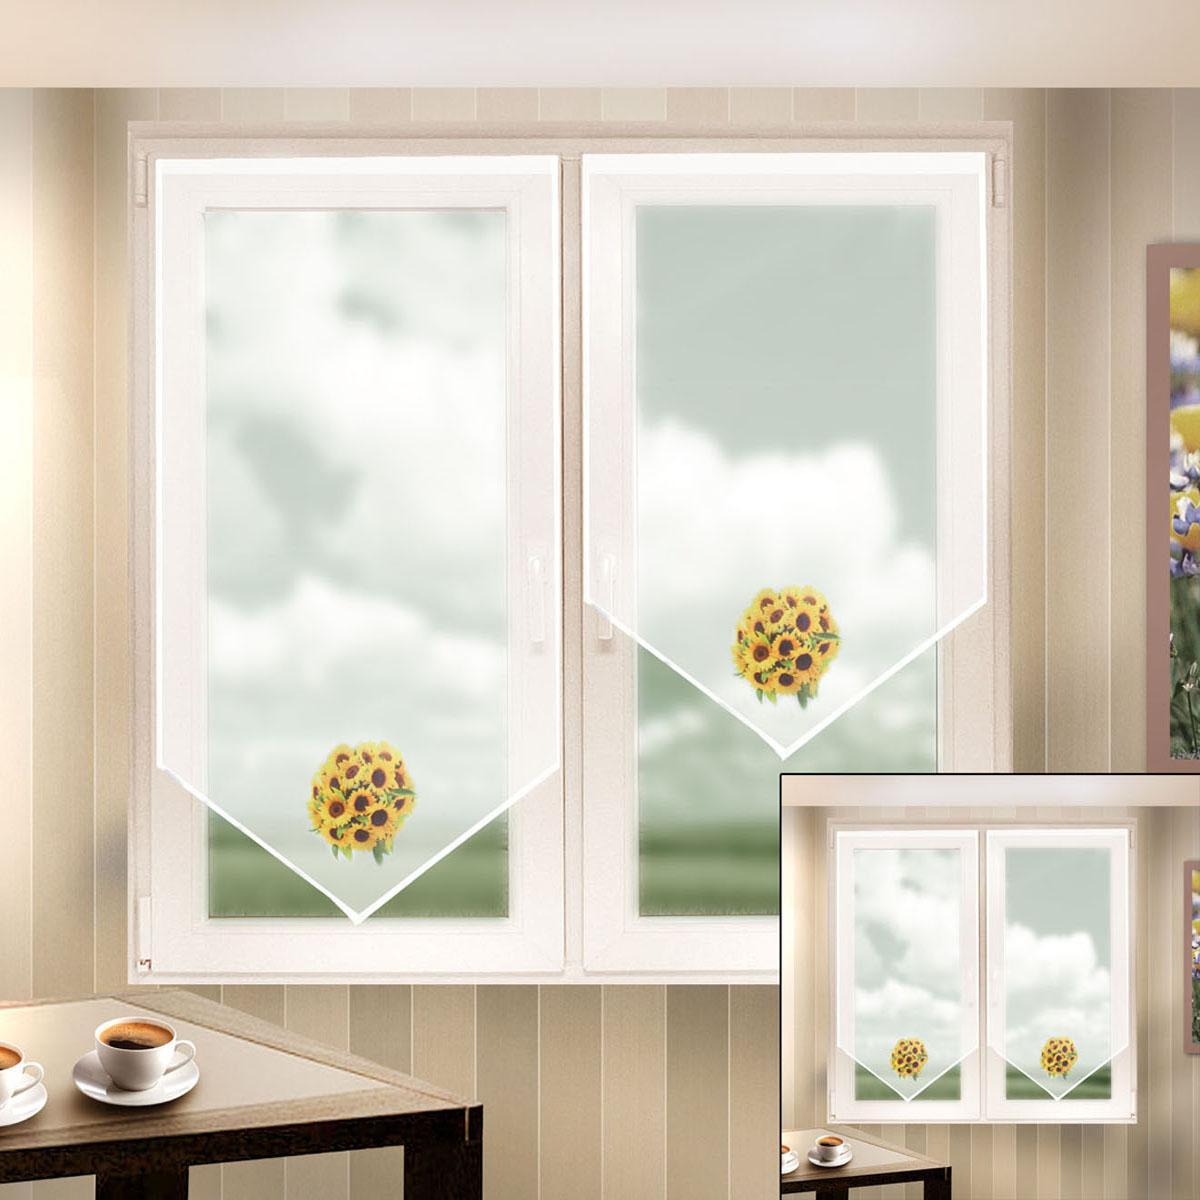 Гардина Zlata Korunka, на липкой ленте, цвет: белый, высота 90 см, 2 шт. 666055-2666055-2Гардина на липкой ленте Zlata Korunka, изготовленная из легкого полиэстера, станет великолепным украшением любого окна. Полотно из белой вуали с печатным рисунком привлечет к себе внимание и органично впишется в интерьер комнаты. Крепление на липкой ленте, не требующее сверления стен и карниза. Многоразовое и мгновенное крепление.